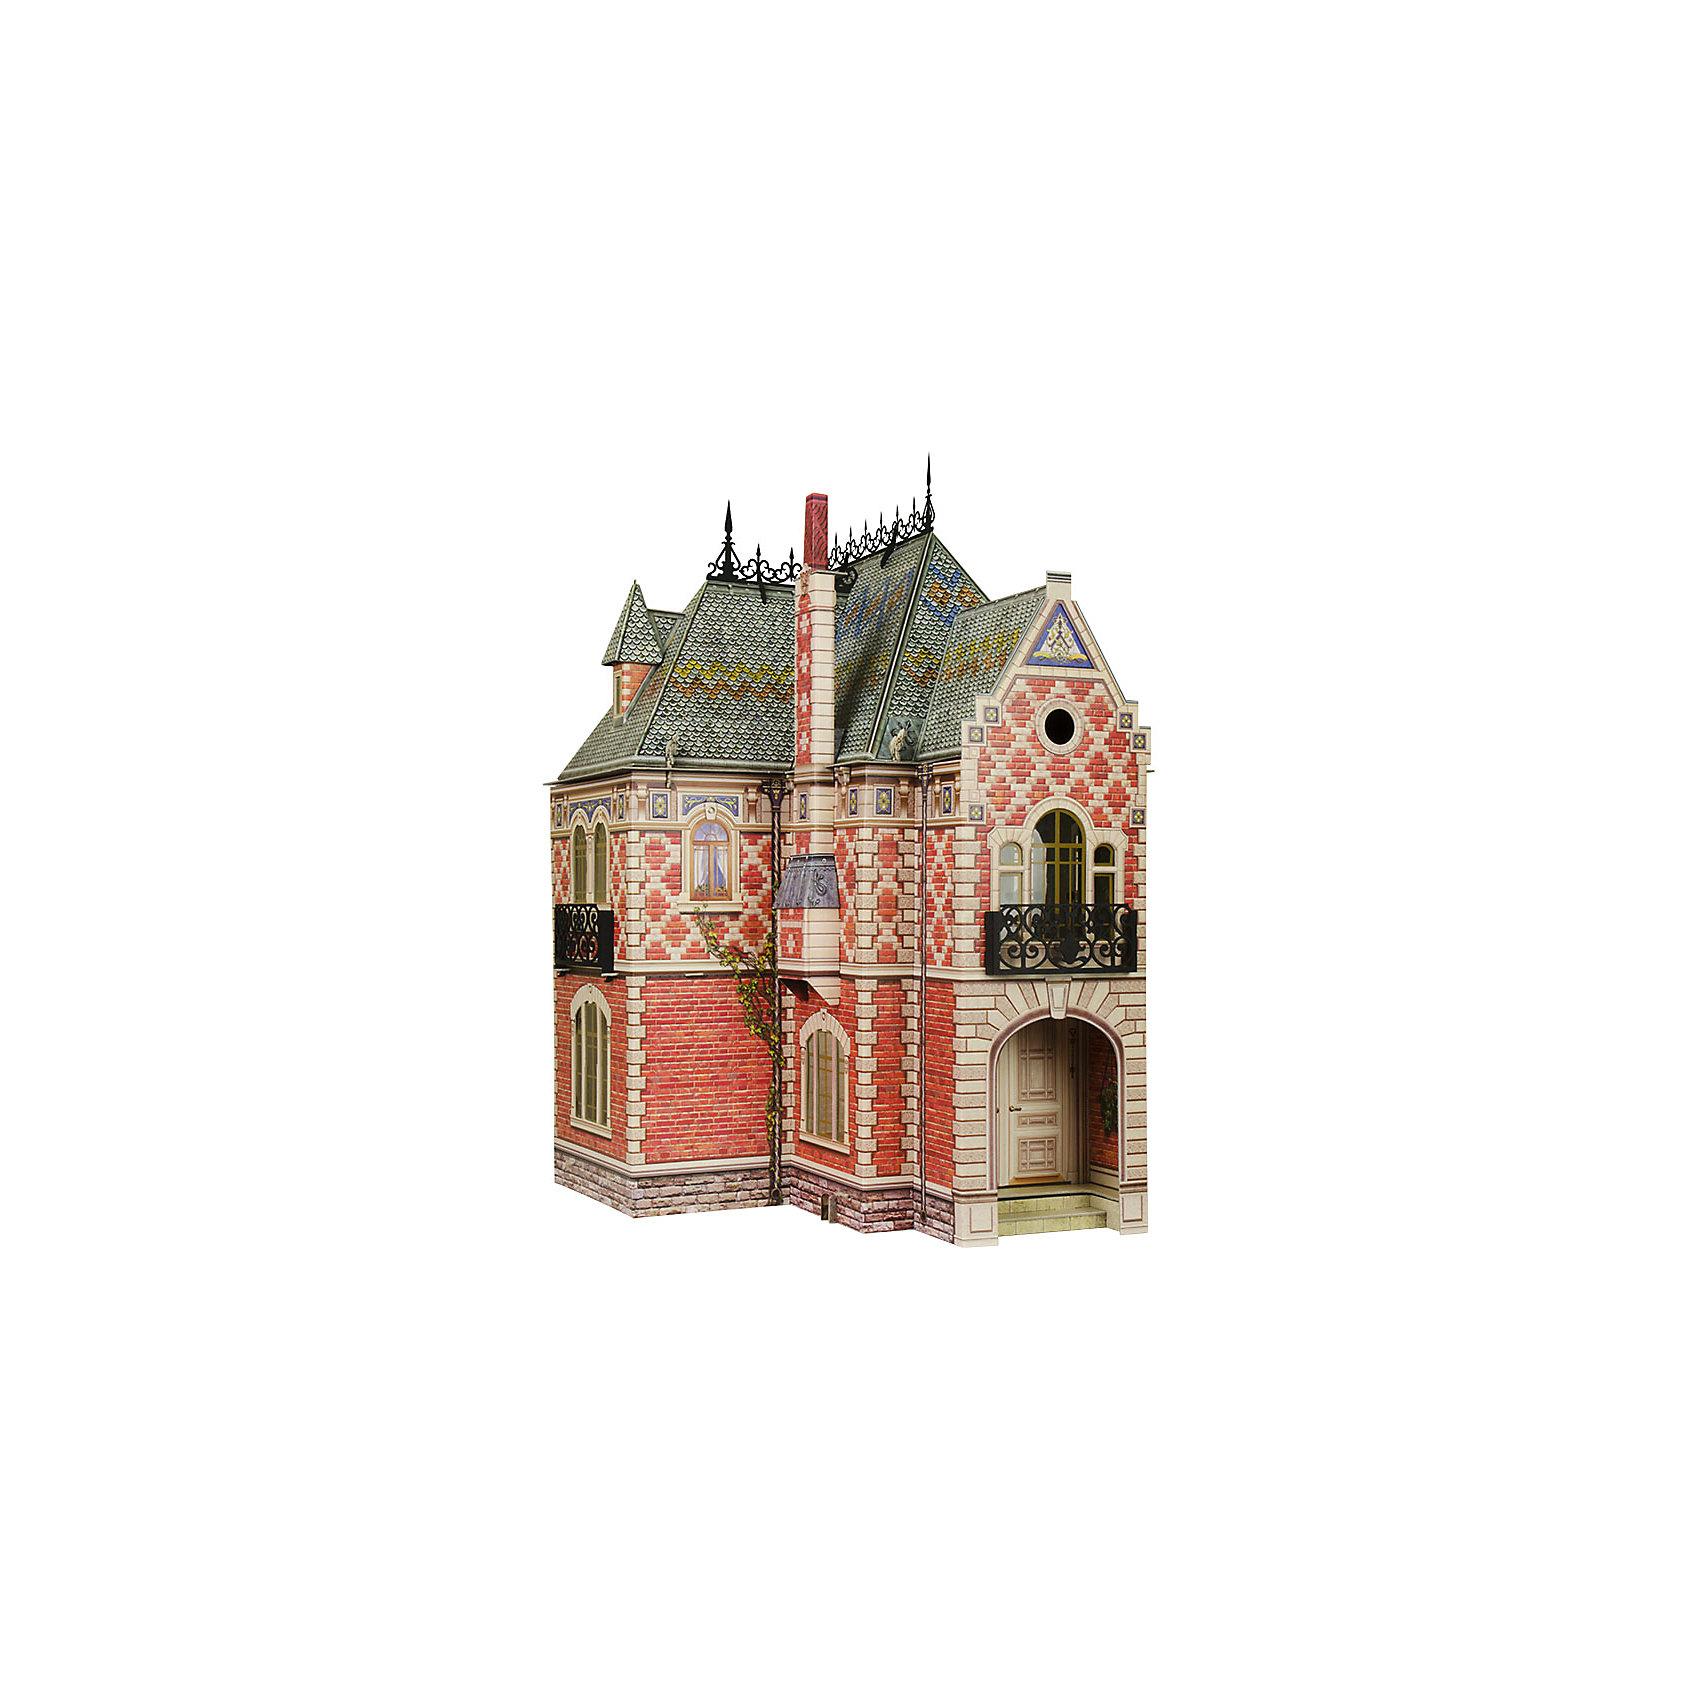 Сборная модель Кукольный ДомКукольный Дом - Сюжетный игровой набор из плотного картона. Серия: Кукольный дом и мебель. Количество деталей, шт: 74. Размер в собранном виде, см: 42,5 x 40,5 x 60 . Размер упаковки, мм.:  высота 493 ширина 350 глубина 37. Тип упаковки: Картонная коробка. Вес, гр.: 2620. Возраст: от 7 лет. Все модели и игрушки, созданные по технологии УМНАЯ БУМАГА собираются без ножниц и клея, что является их неповторимой особенностью.<br>Принцип соединения деталей запатентован. Соединения деталей продуманы и просчитаны с такой точностью, что при правильной сборке с моделью можно играть, как с обычной игрушкой.<br><br>Ширина мм: 350<br>Глубина мм: 37<br>Высота мм: 493<br>Вес г: 2620<br>Возраст от месяцев: 84<br>Возраст до месяцев: 2147483647<br>Пол: Унисекс<br>Возраст: Детский<br>SKU: 4807478